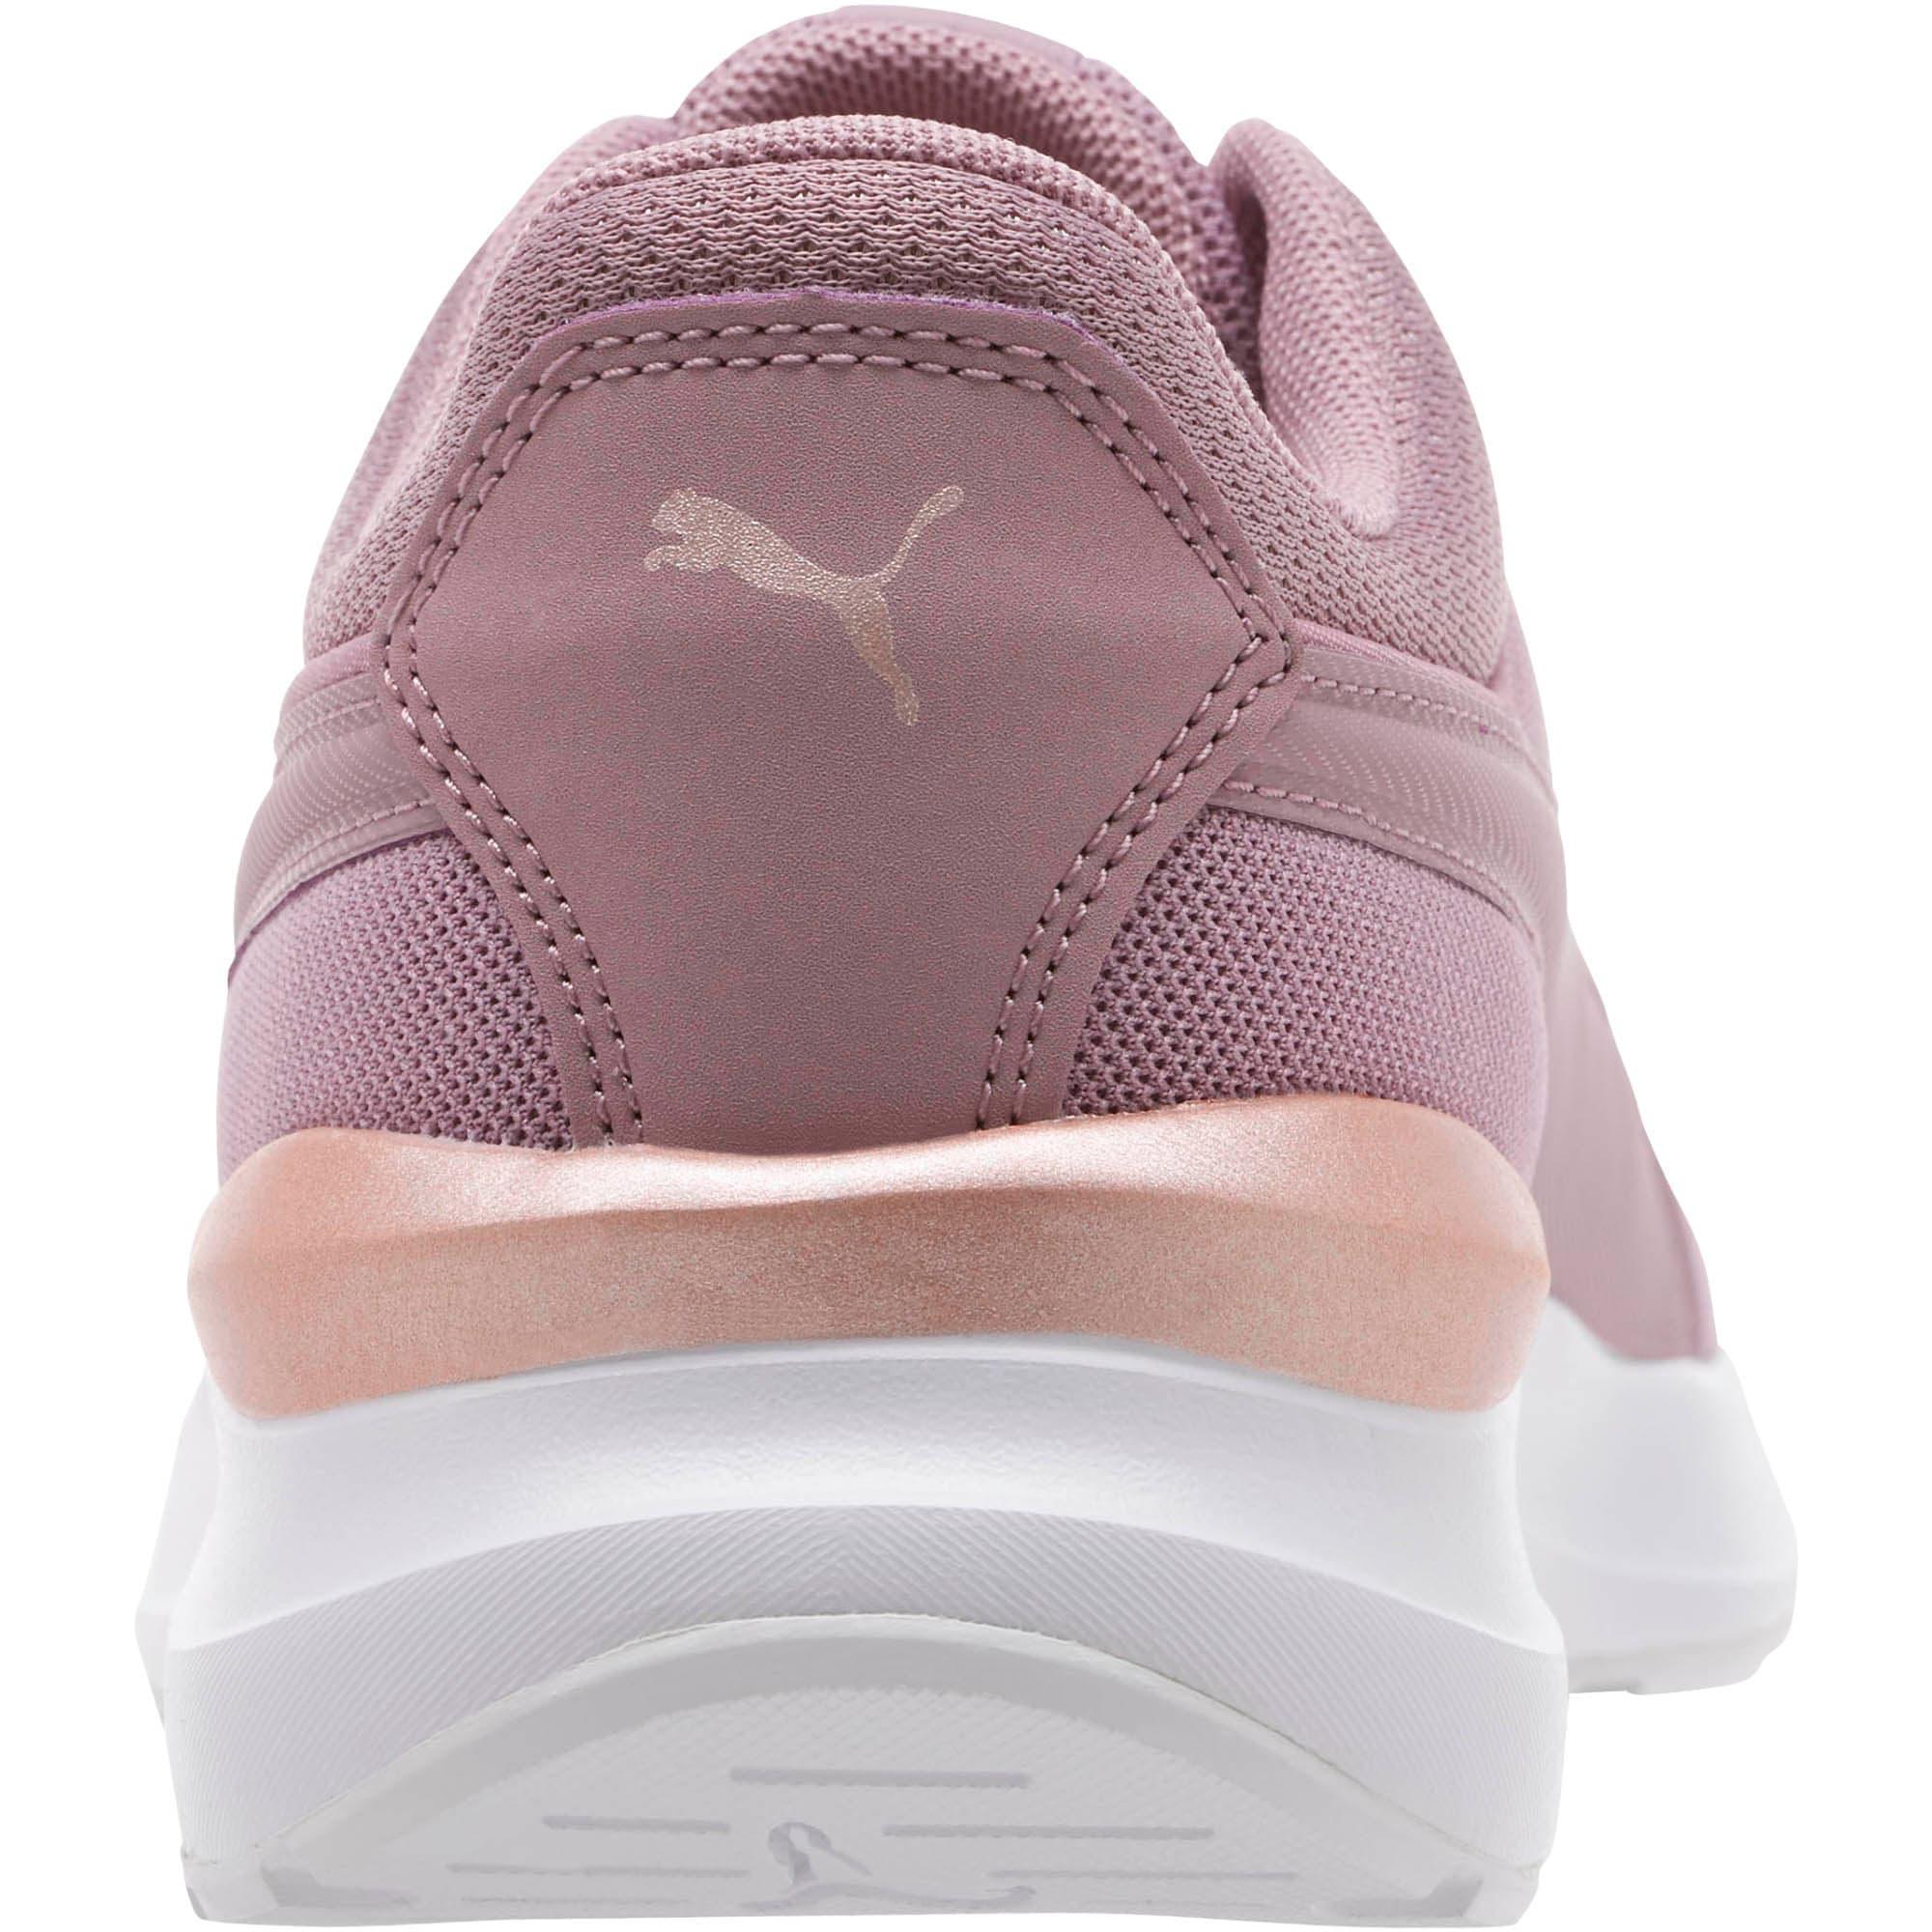 Thumbnail 3 of Adela Mesh Women's Sneakers, Elderberry-Rose Gold, medium